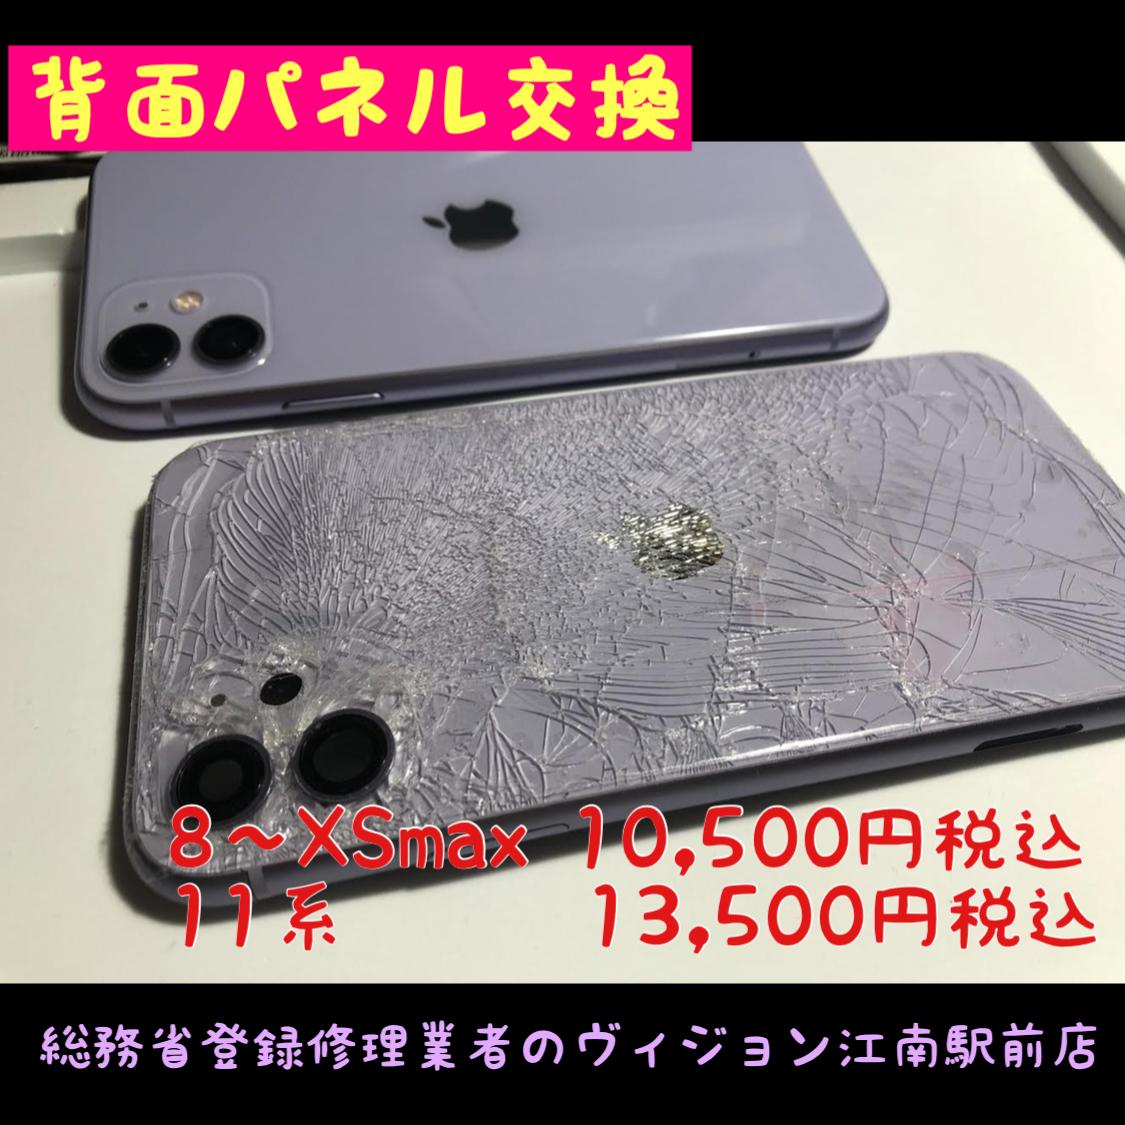 背面パネル バックパネル 割れた 修理 江南市 犬山市 扶桑町 大口町 iPhone修理 アイフォン修理 即日